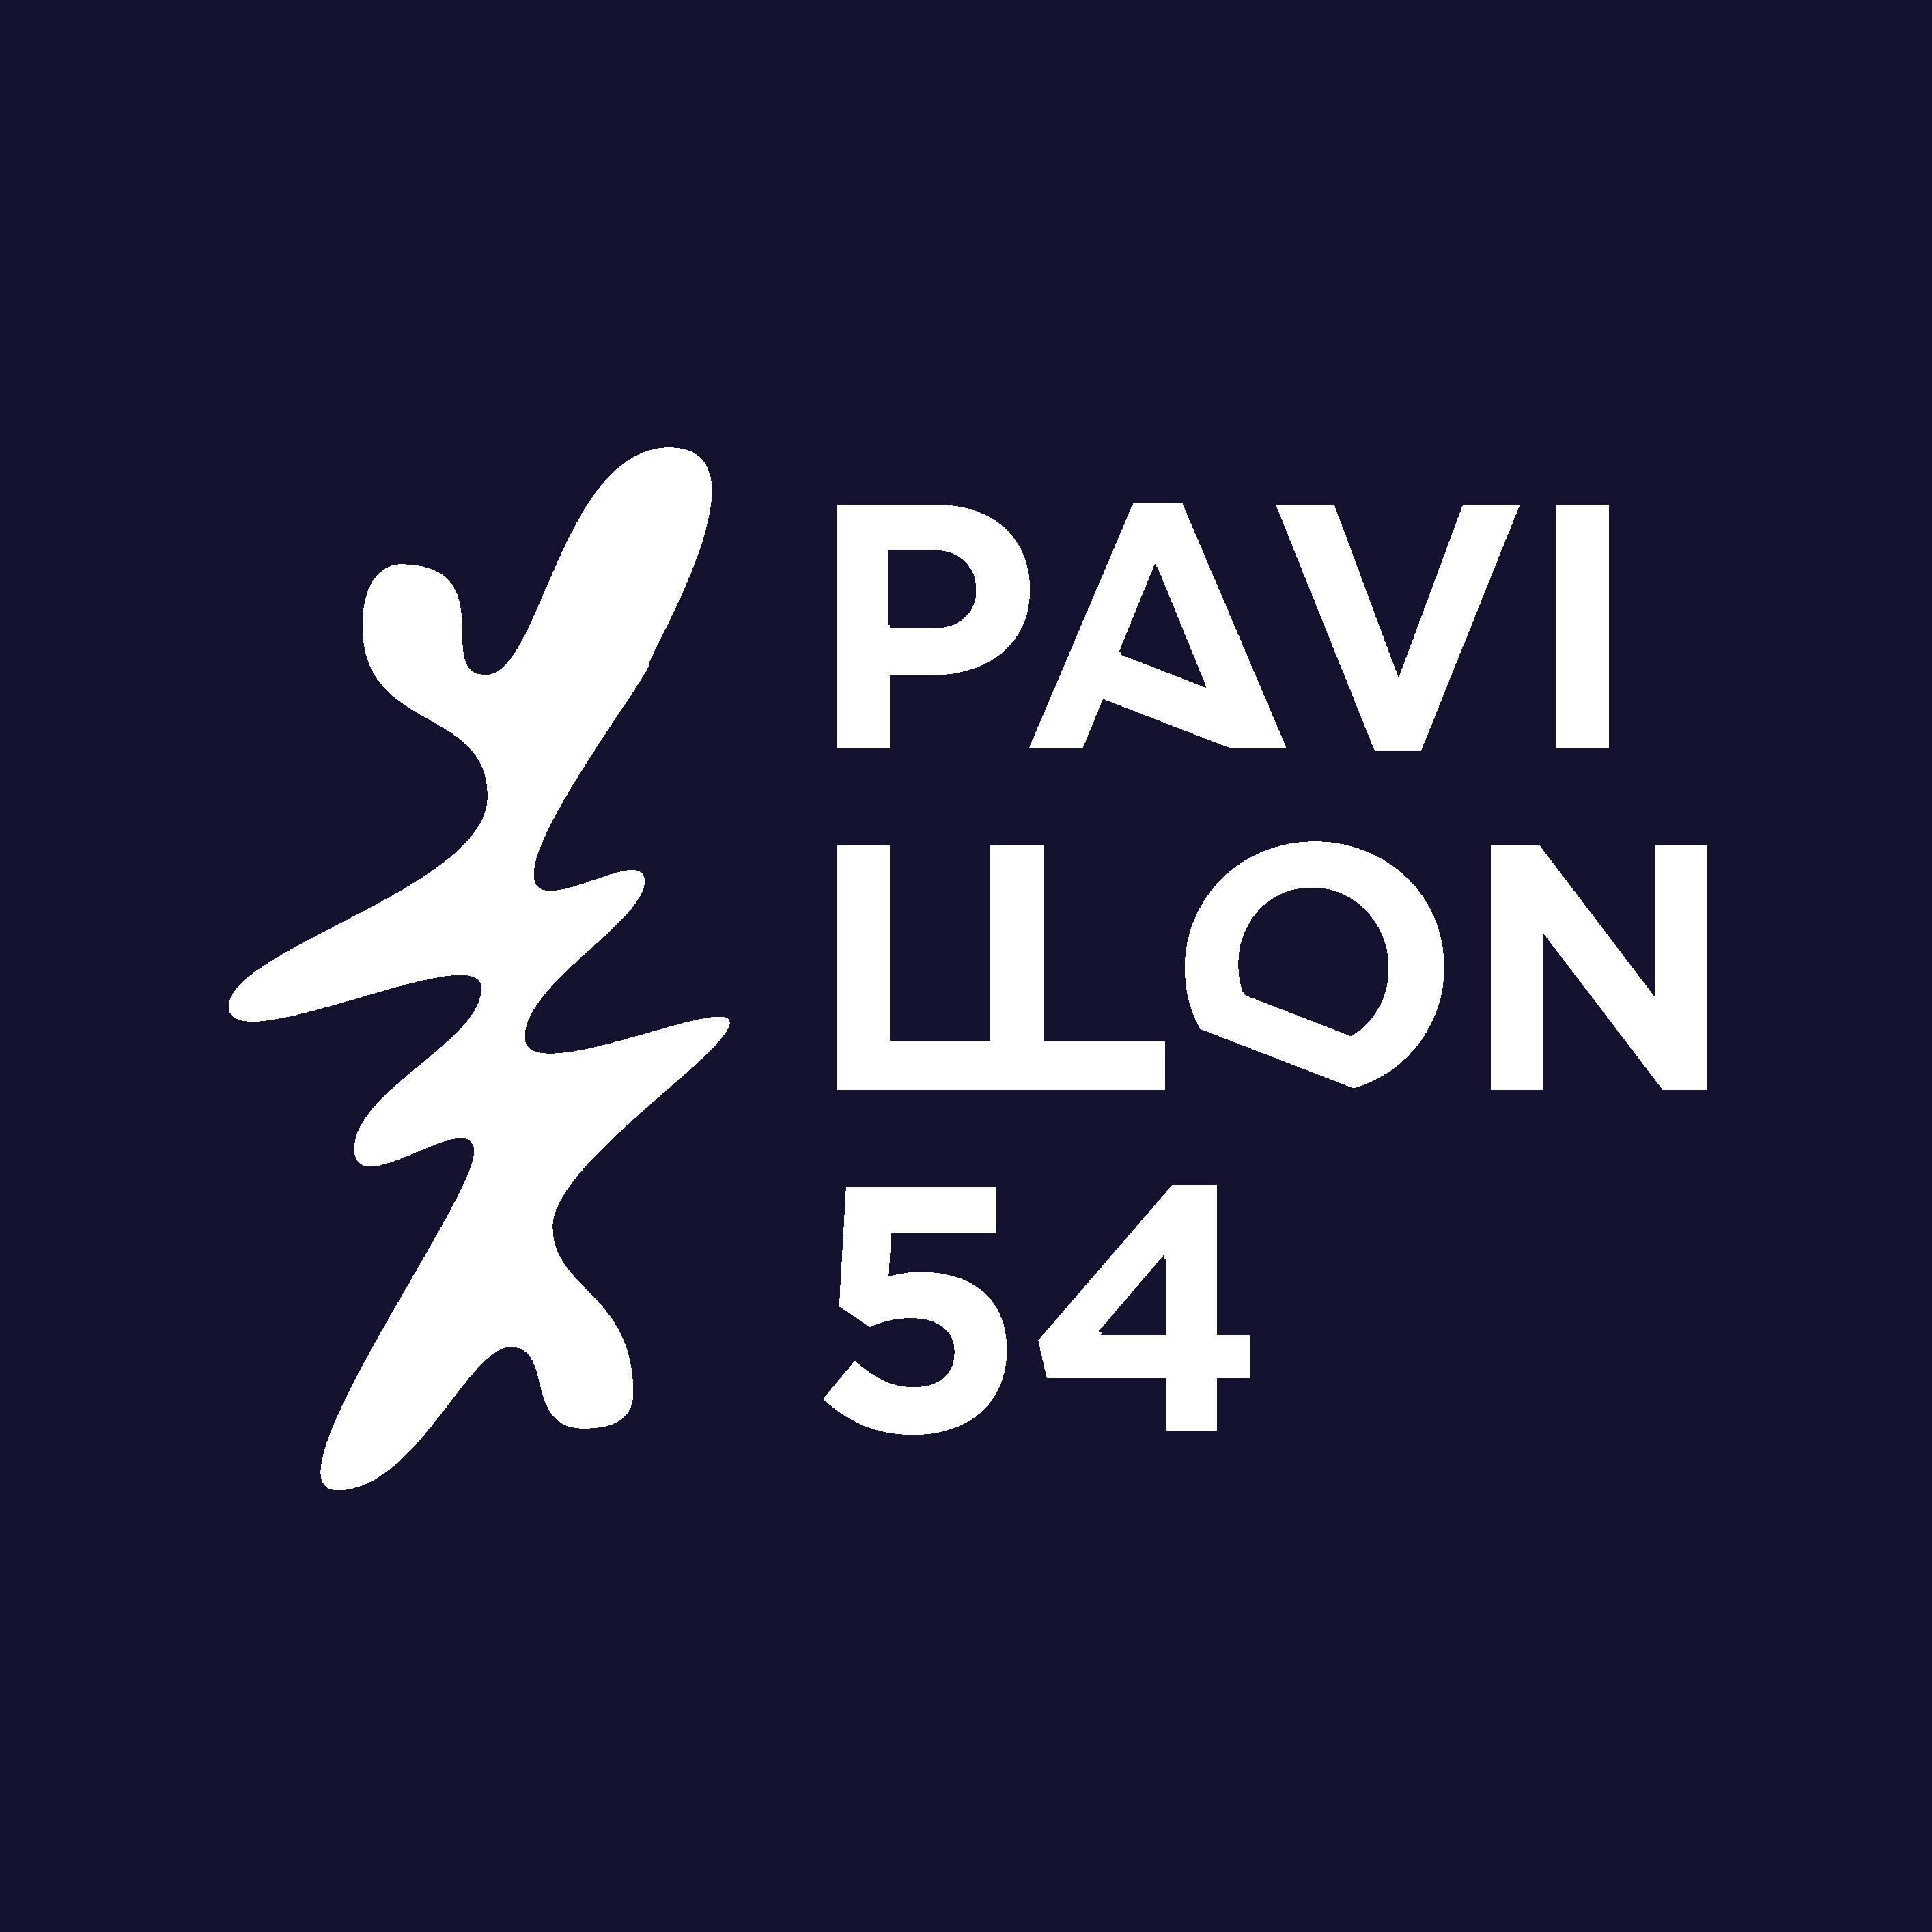 Pavillon 54 Limited company logo